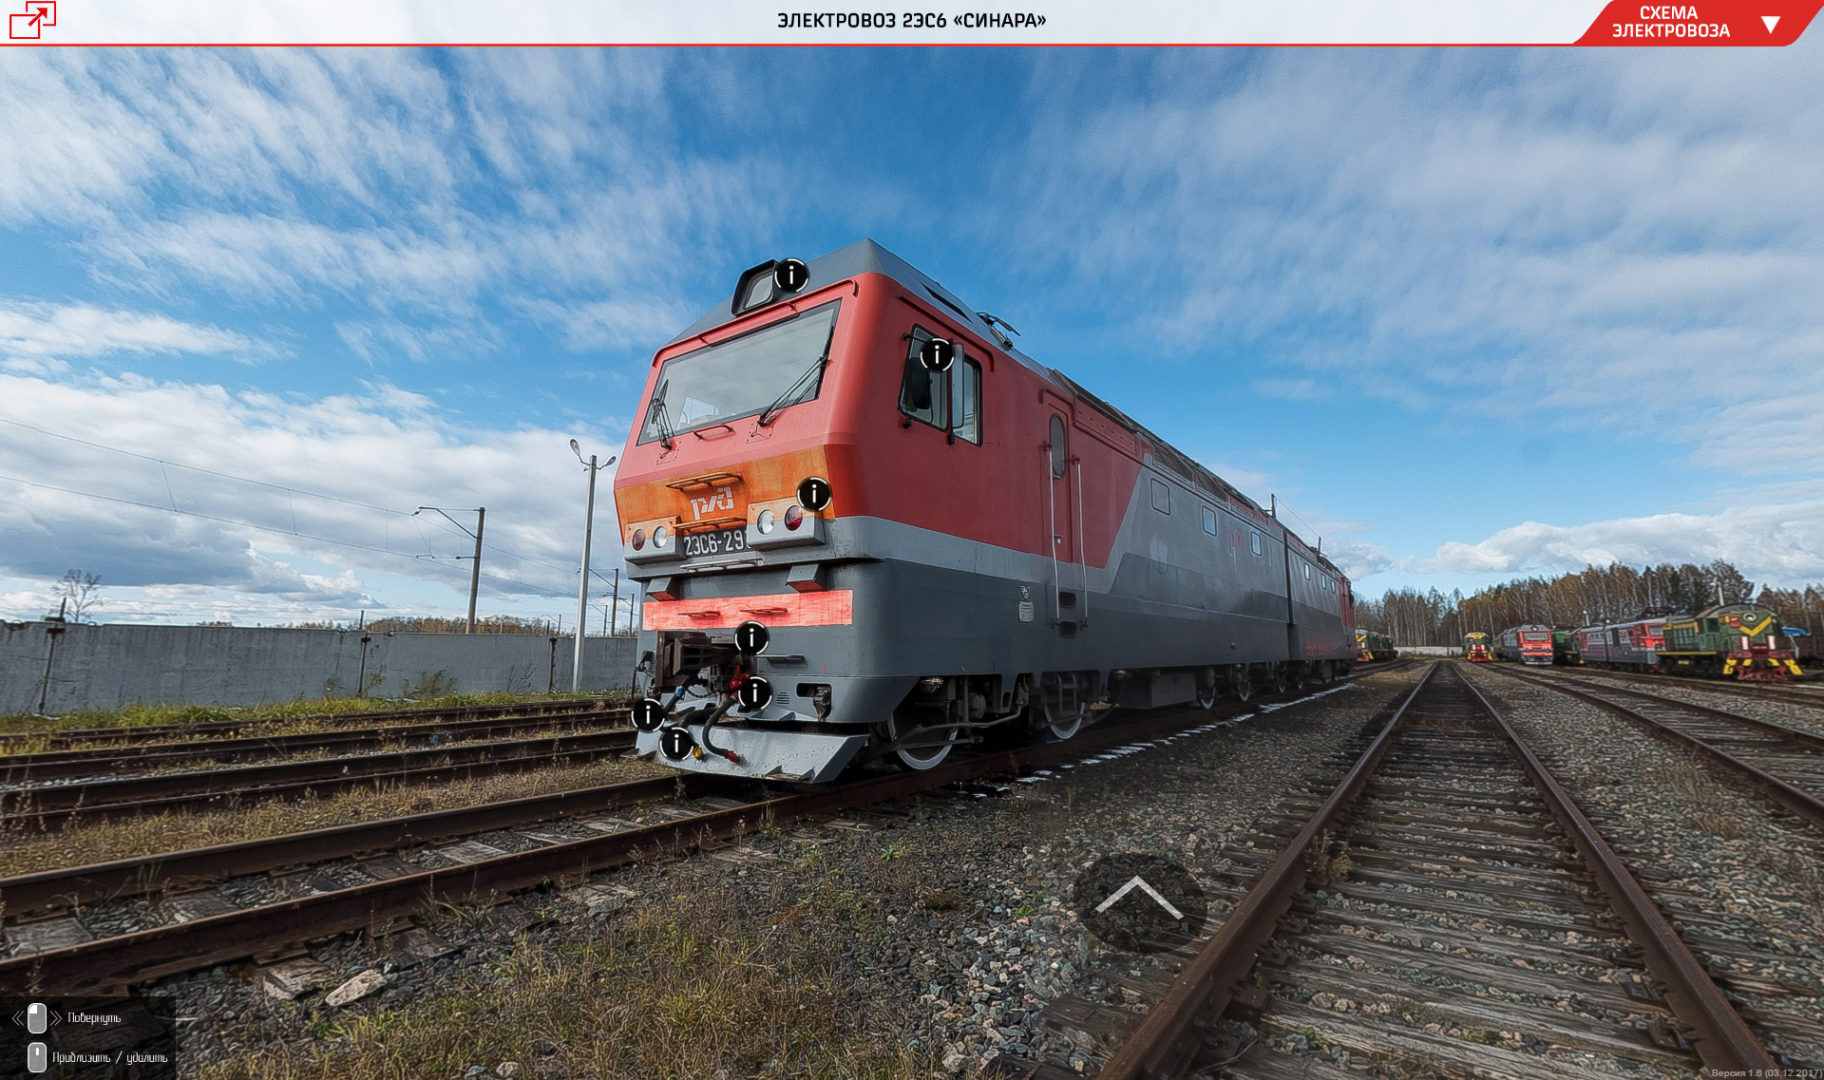 sinara 2017 page 1824x1080 Виртуальная экскурсия по электровозу 2ЭС6 Синара (учебный)